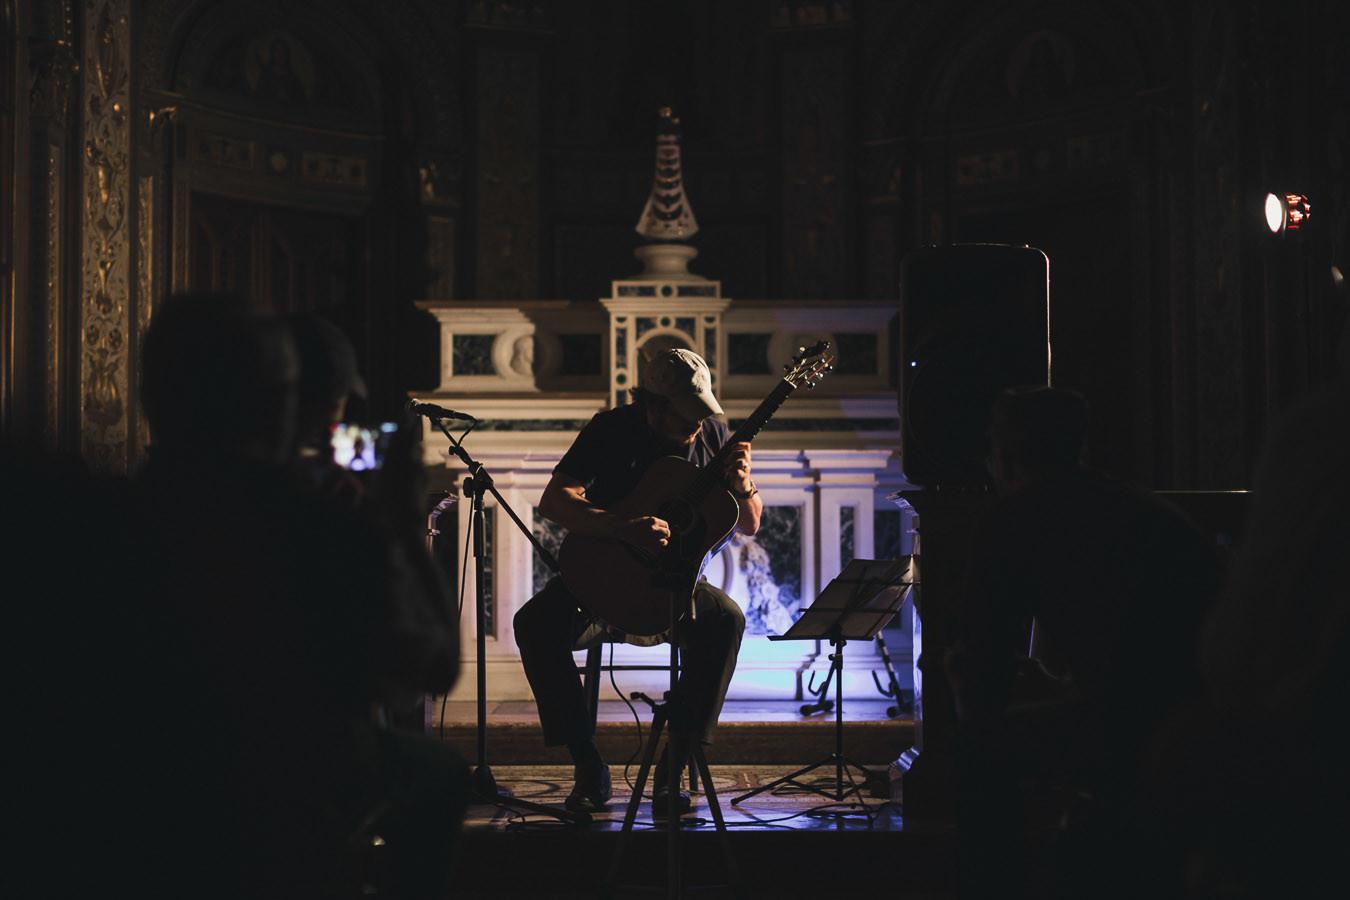 fotografo_eventi_concerti_festival_desio_tittoni_foto_marco_reggi_034